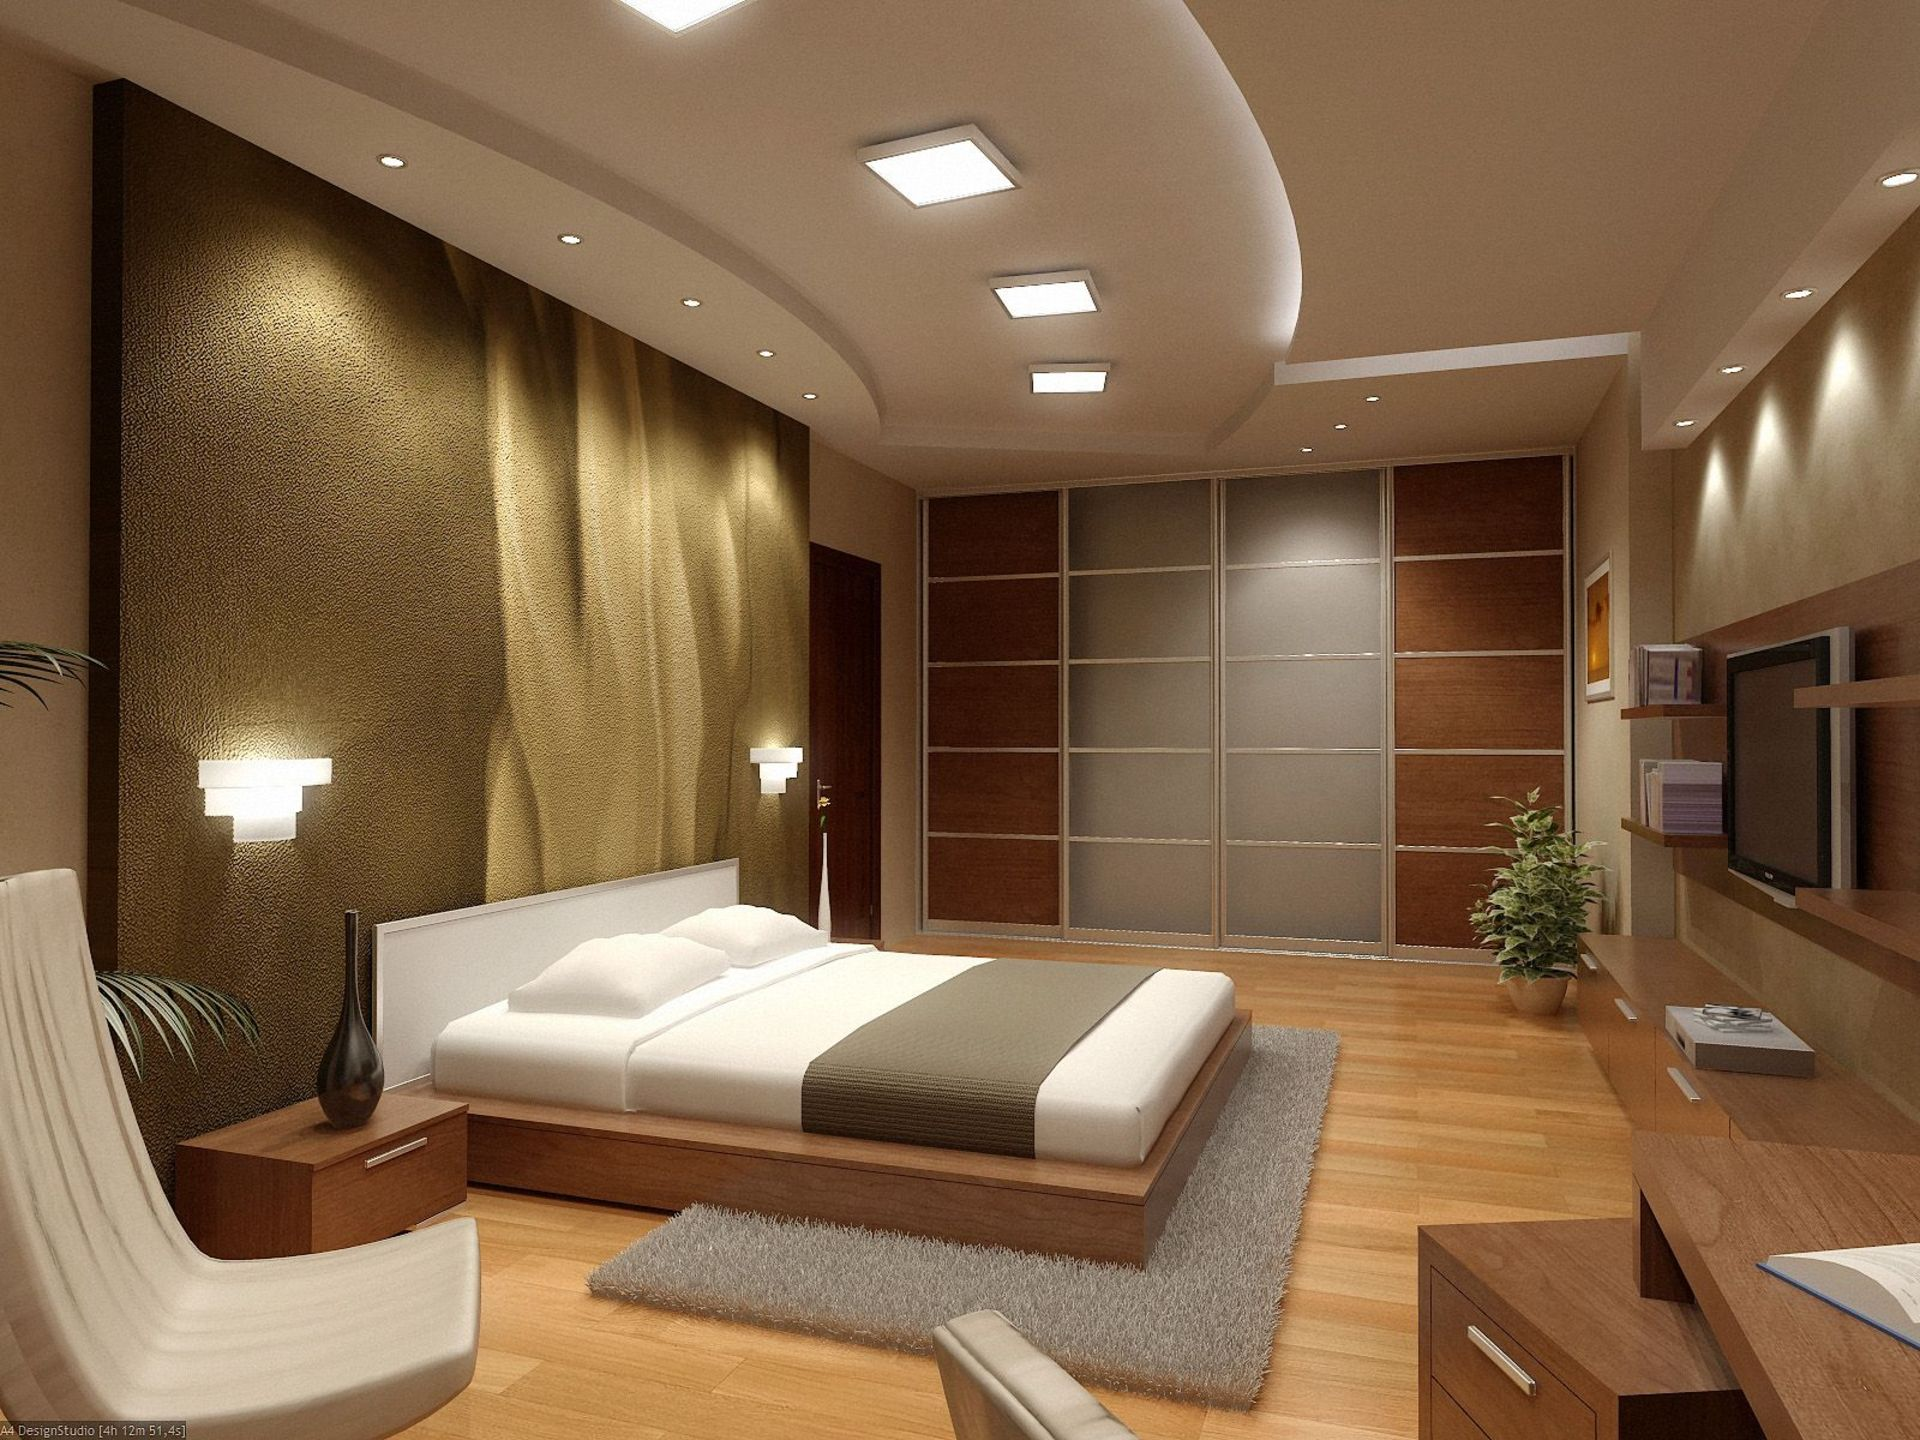 Neue Haus Interieur Ideen - Loungemöbel Überprüfen Sie mehr unter ...